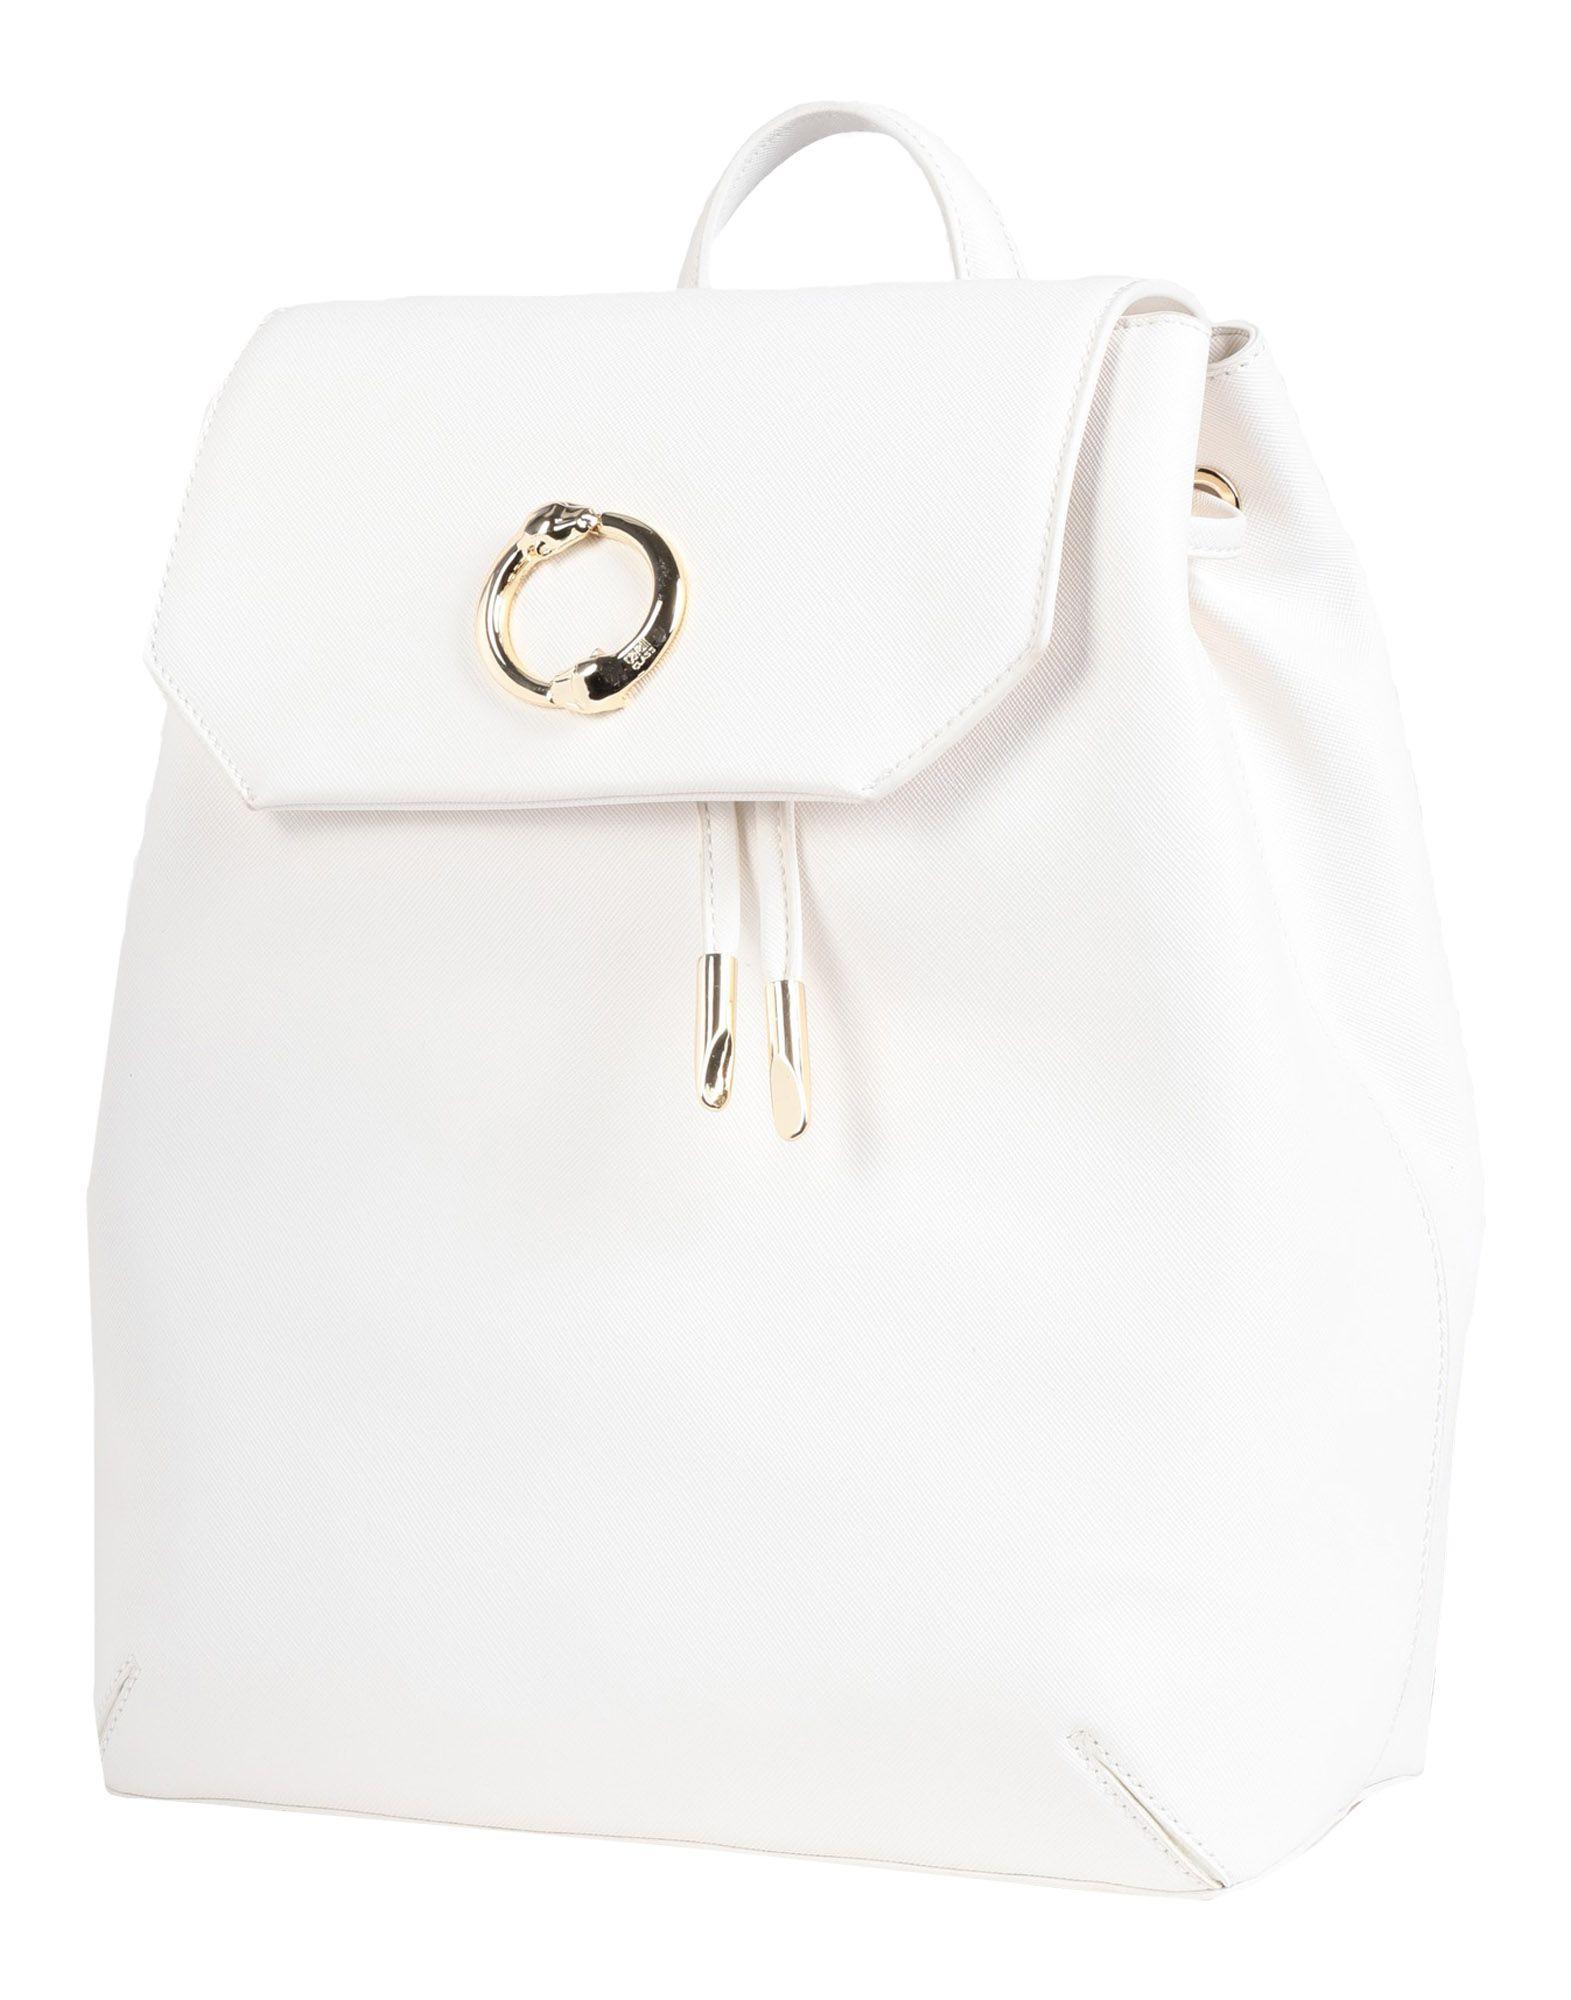 CAVALLI CLASS Рюкзаки и сумки на пояс дизайнер высокое качество натуральная кожа женские винтажные овчины твердые школьные сумки mochilas mujer 2017 рюкзаки для девочек